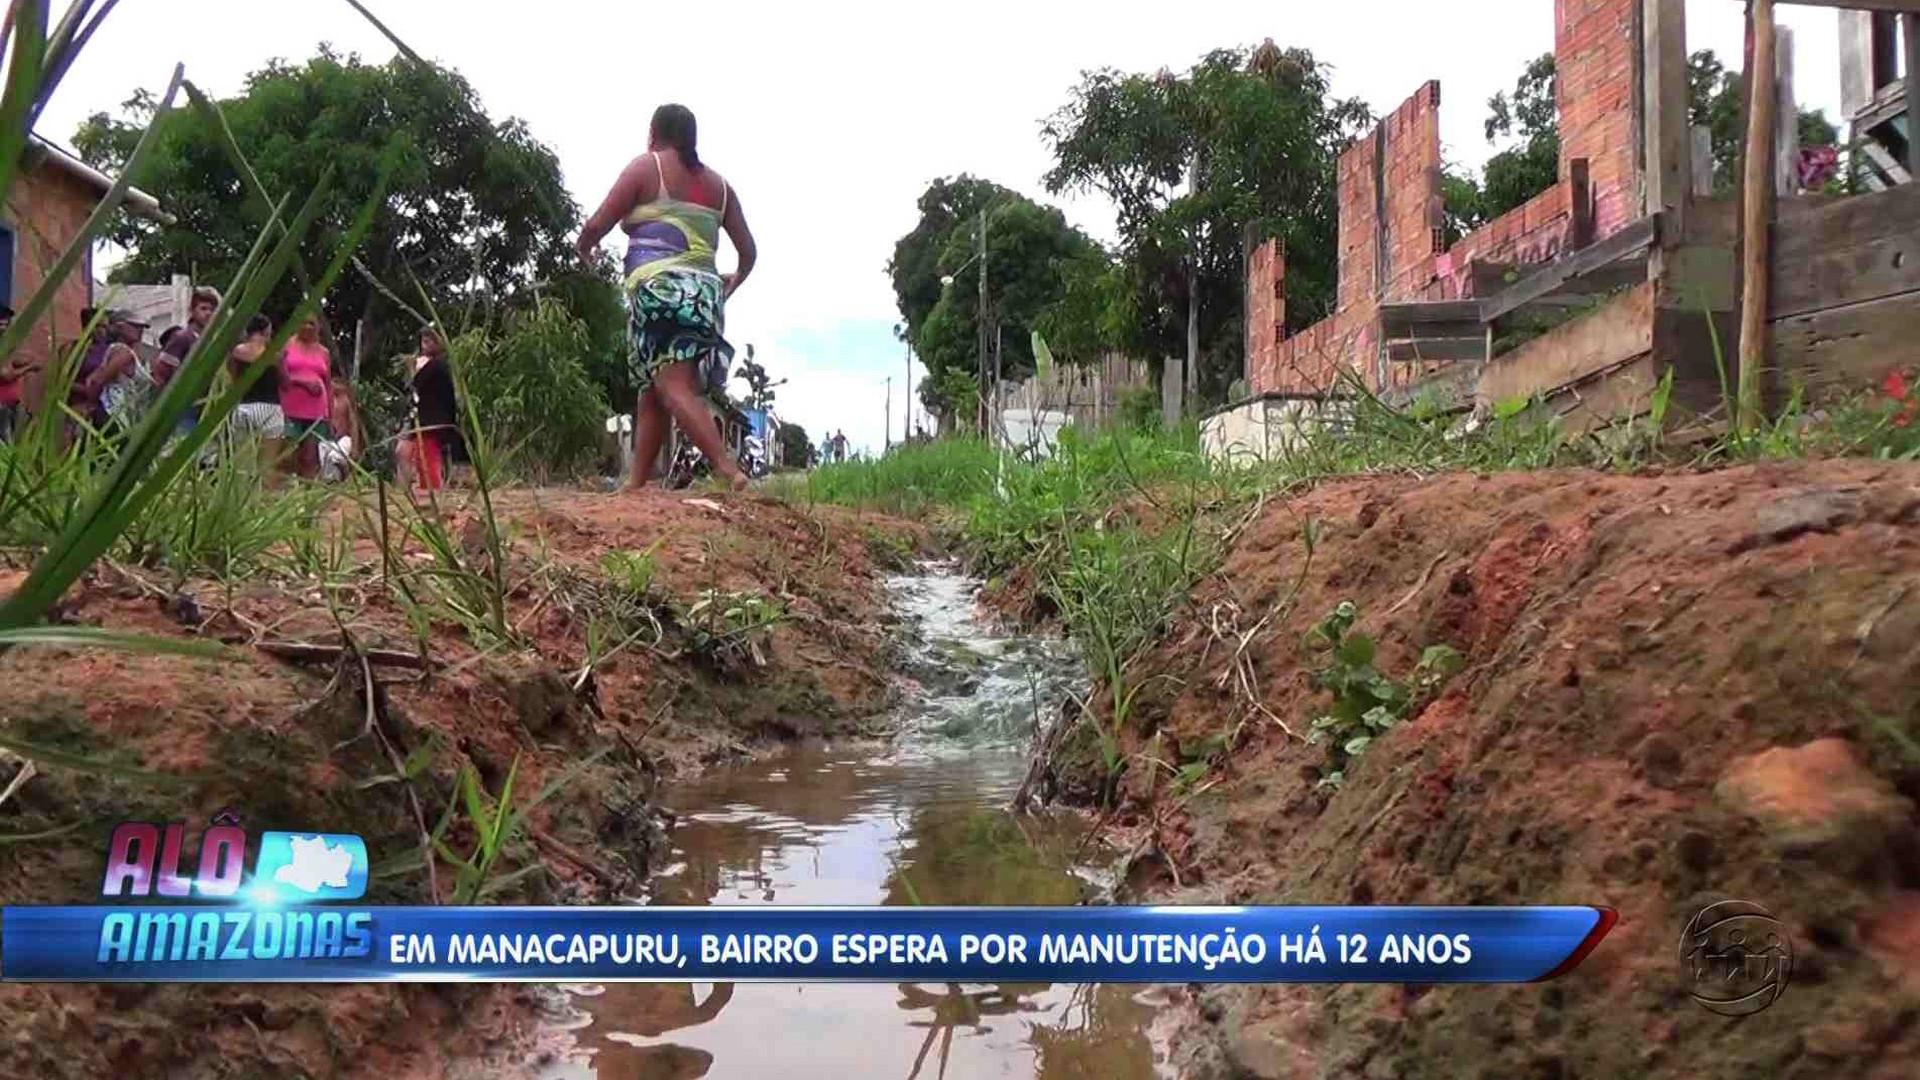 BAIRRO ESPERA POR MANUTENÇÃO HÁ 12 ANOS EM MANACAPURU - Alô Amazonas 14/12/17